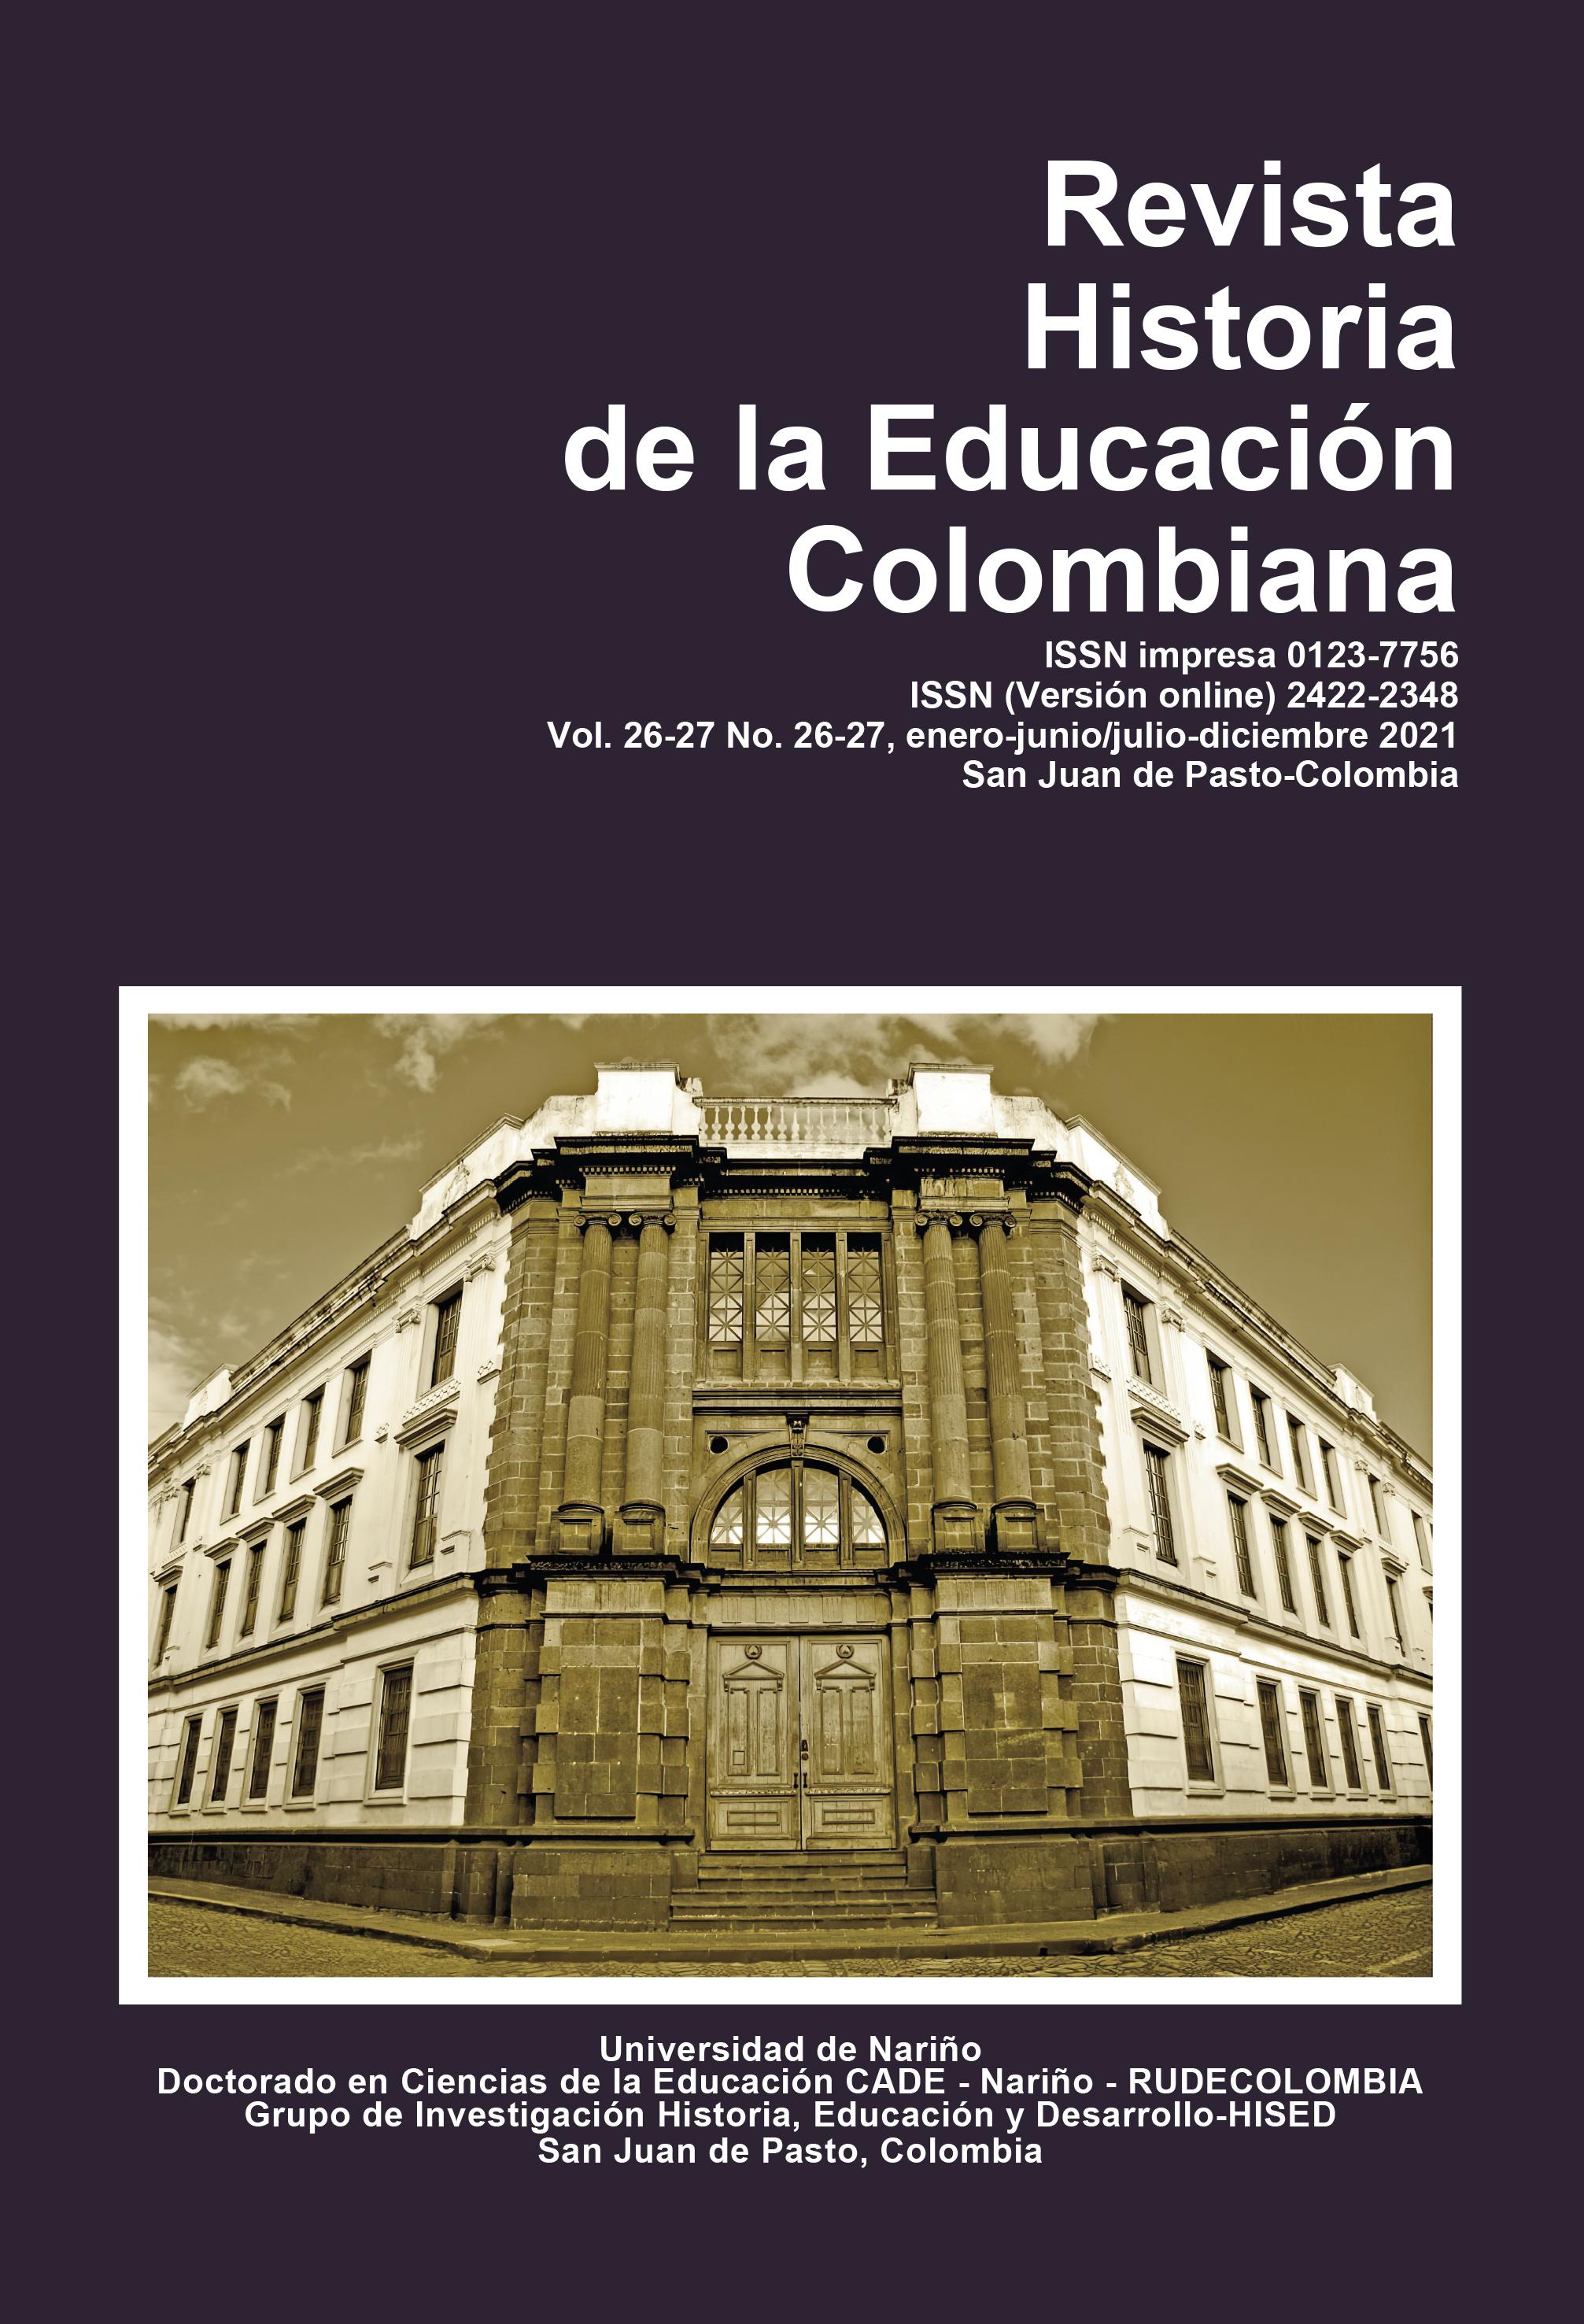 logo revista hitoría de la educación Colombiana